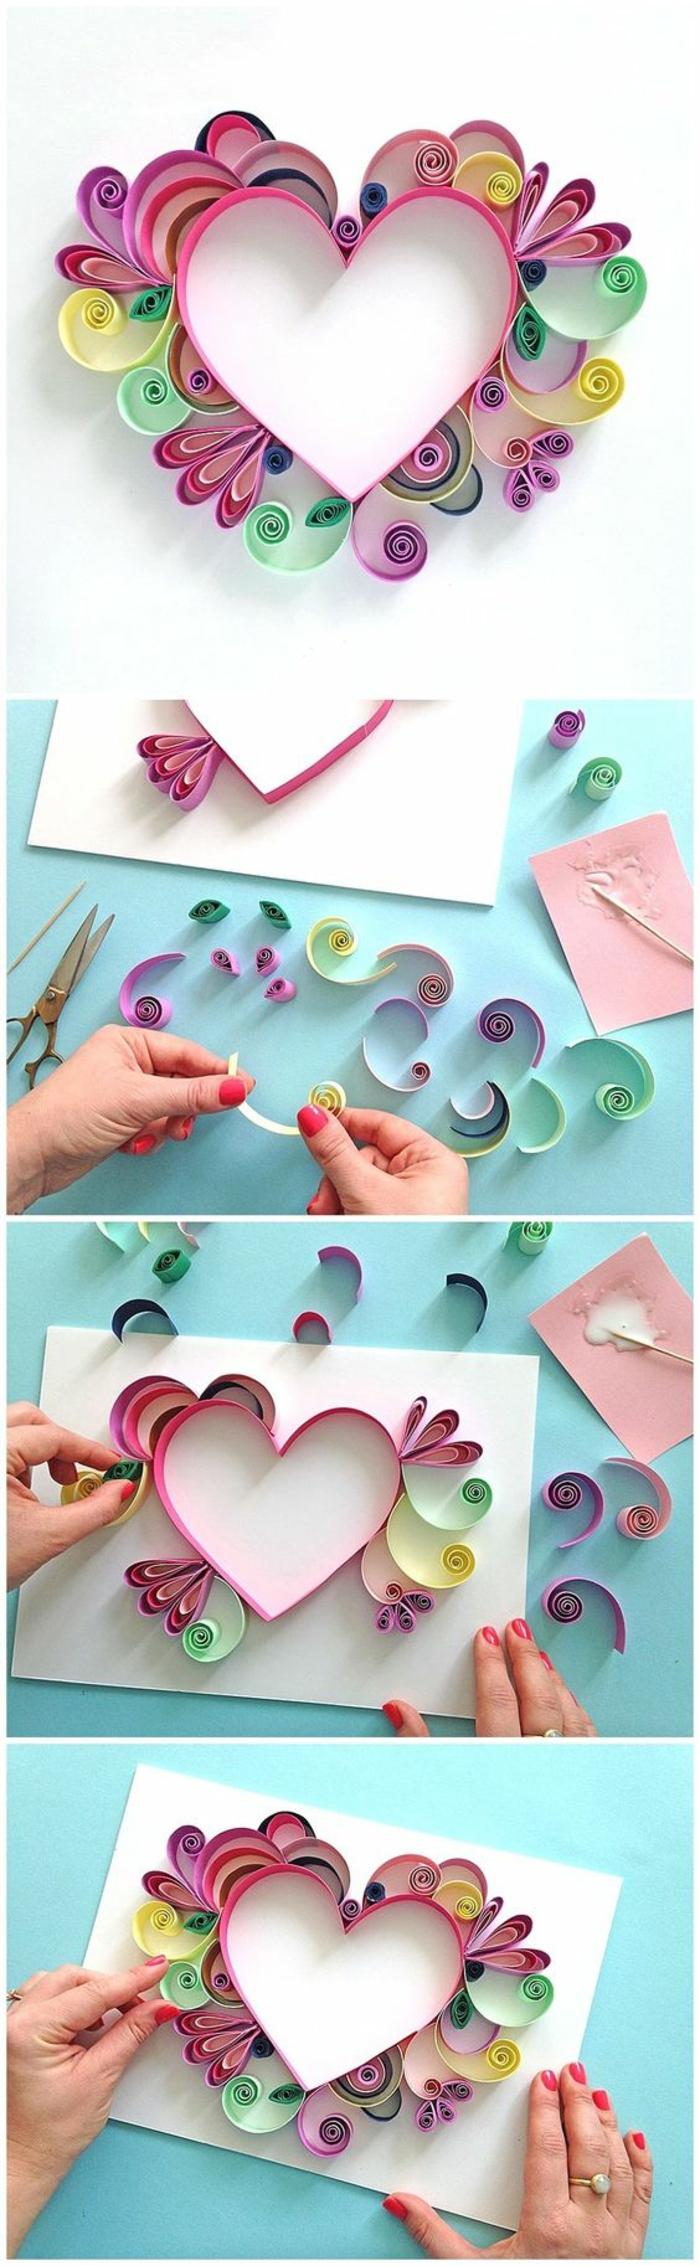 Creare un cuore di carta colorato, piegare i cartoncini e incollarli con della colla